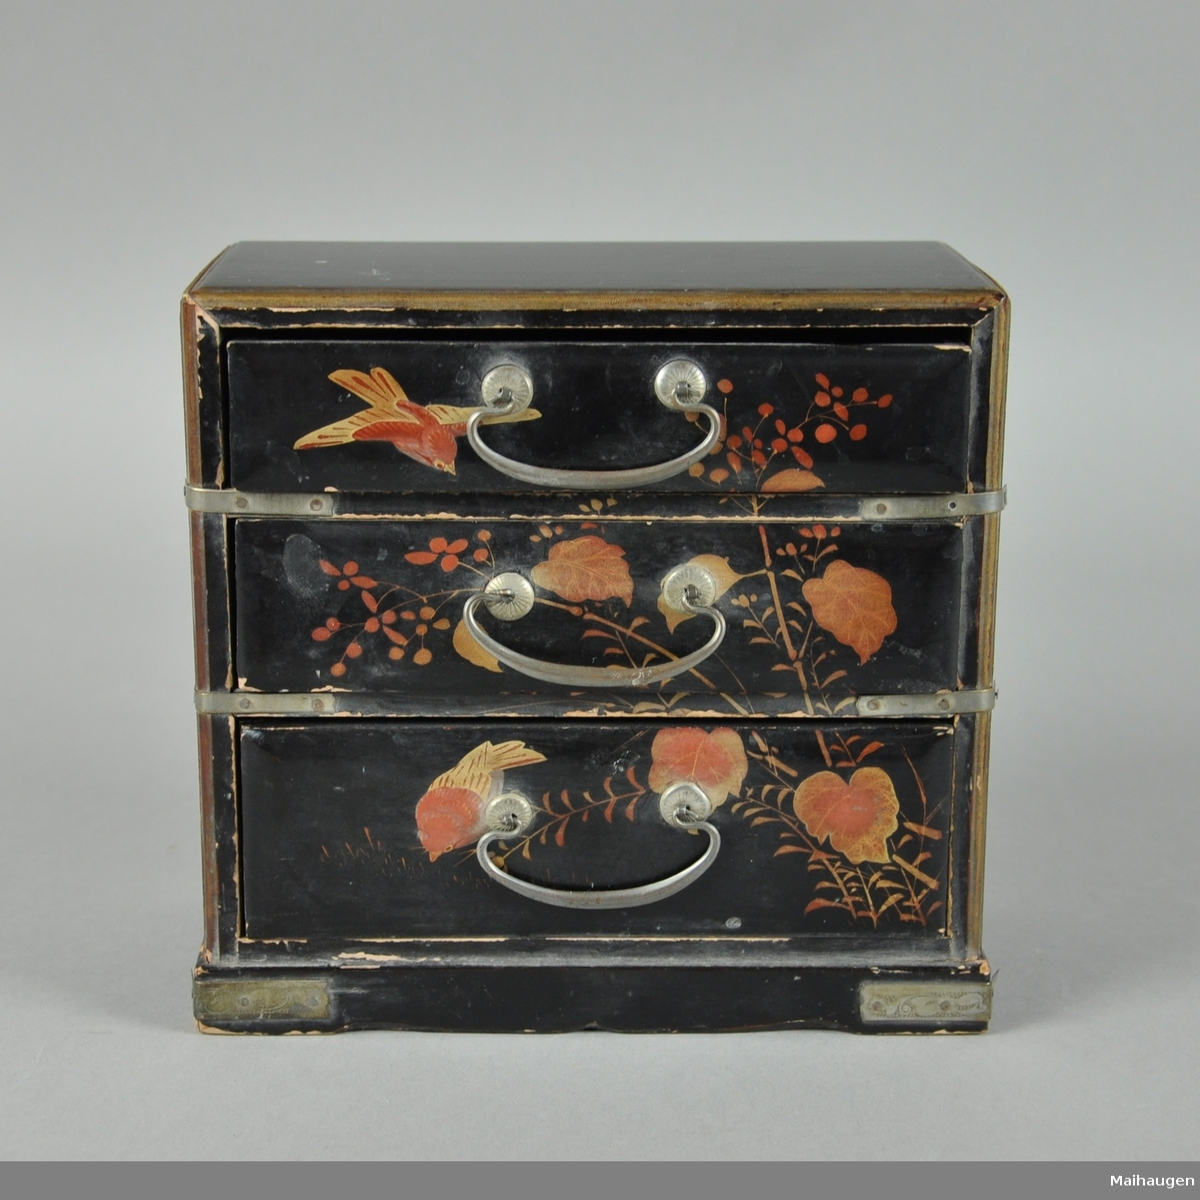 Svartlakkert lekekommode av tre med tre skuffer. Skuffene har metallhåndtak og kommoden er dekorert med blader, strå, bær og fugler.